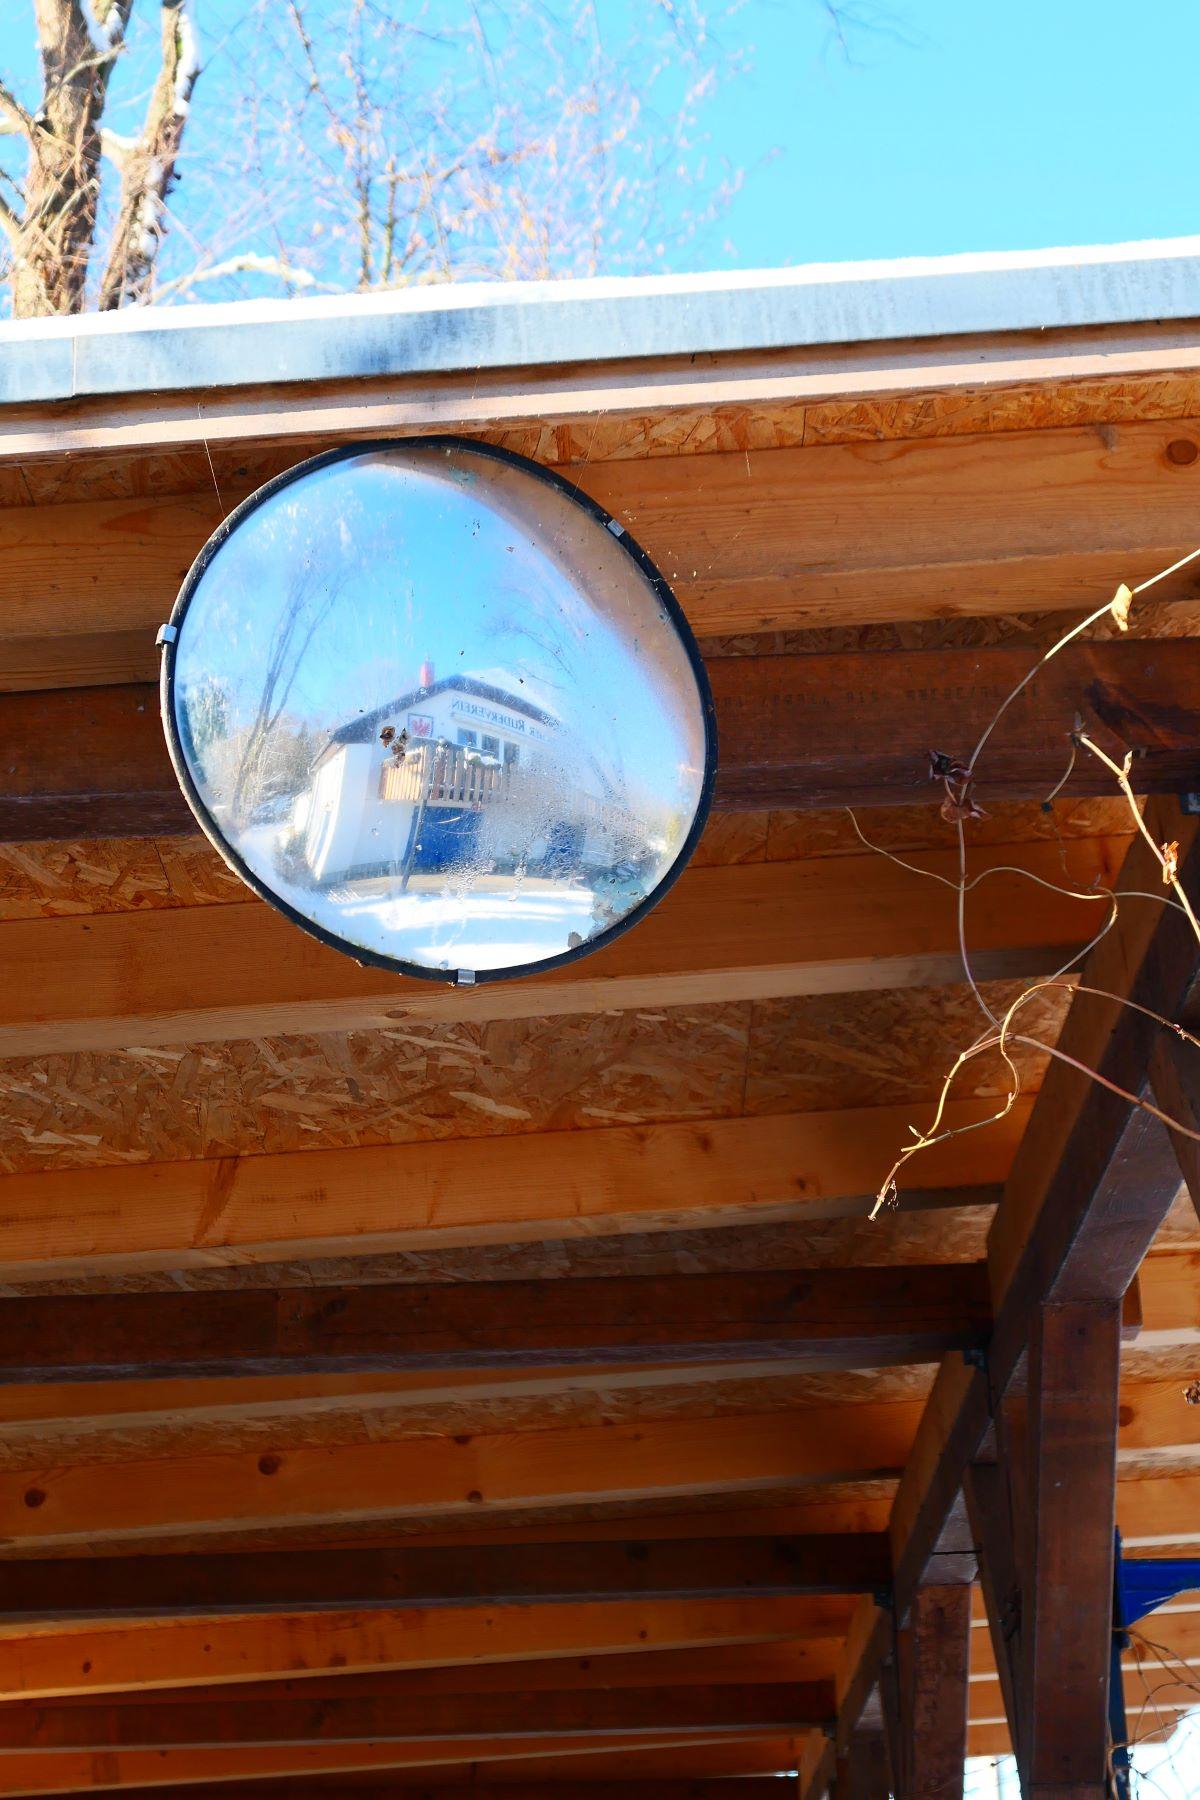 Das Bootshaus spiegelt sich im Spiegel am Carport